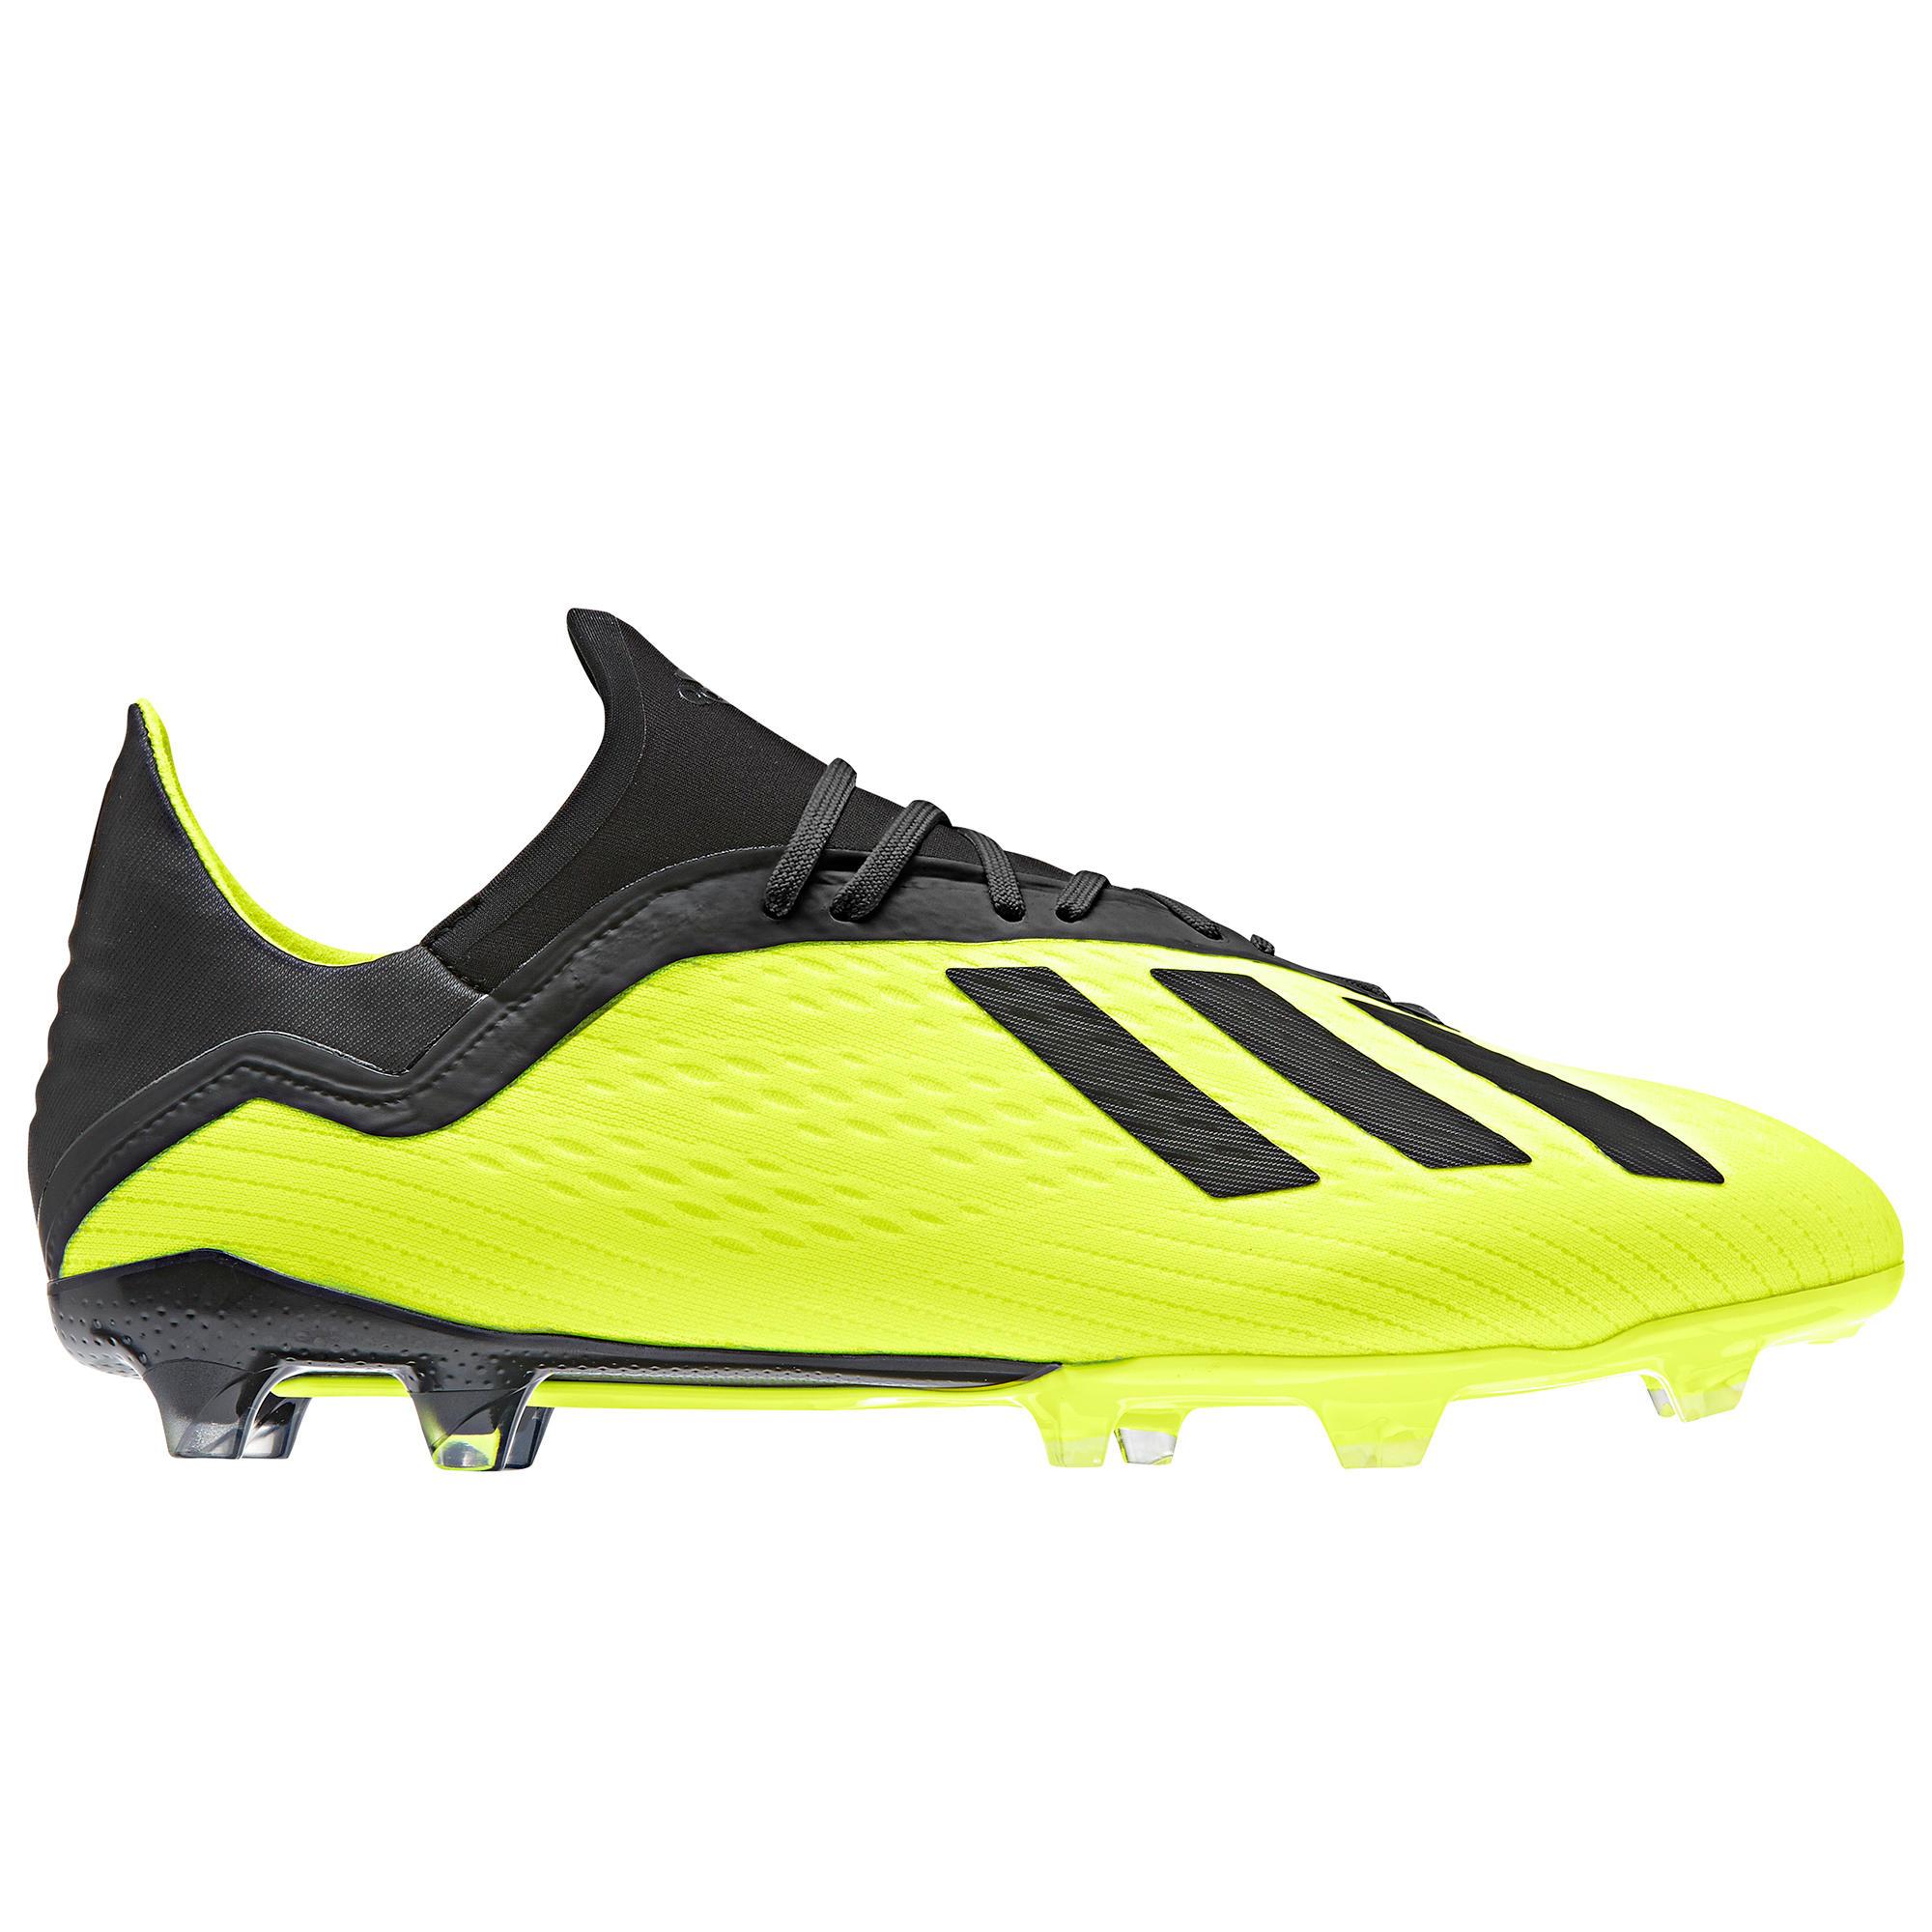 new styles b784b 0ccf1 Adidas Voetbalschoenen volwassenen X 18.2 FG geel  Decathlon